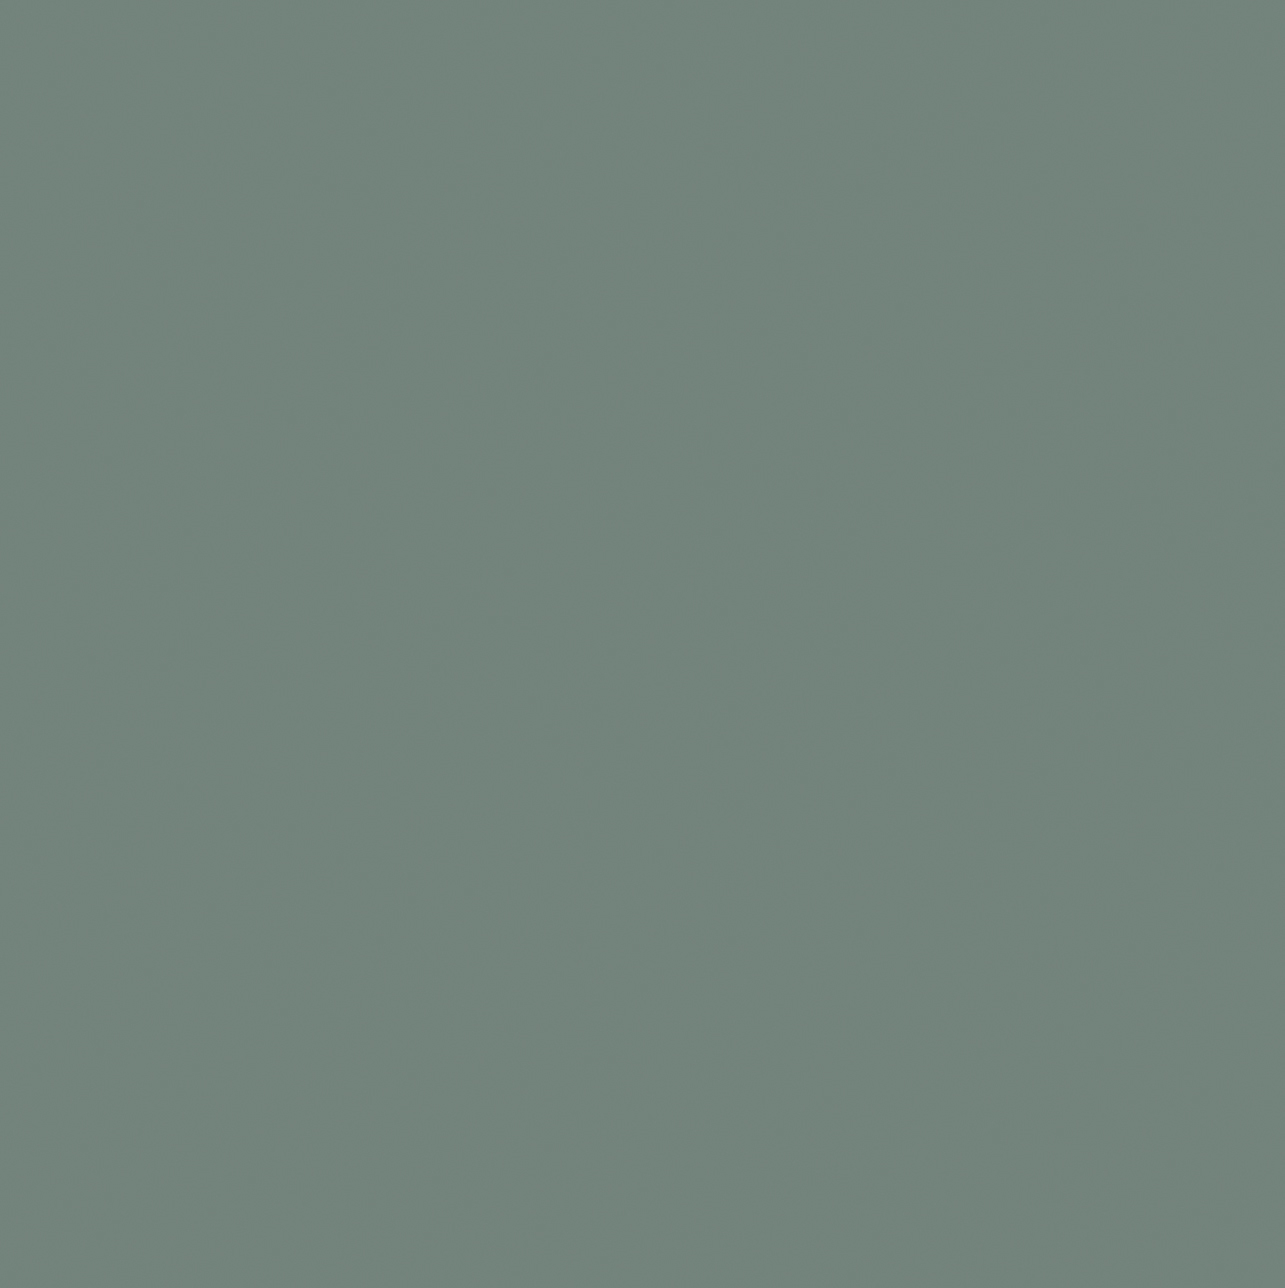 carrelage techno gris uni mat 30x30cm